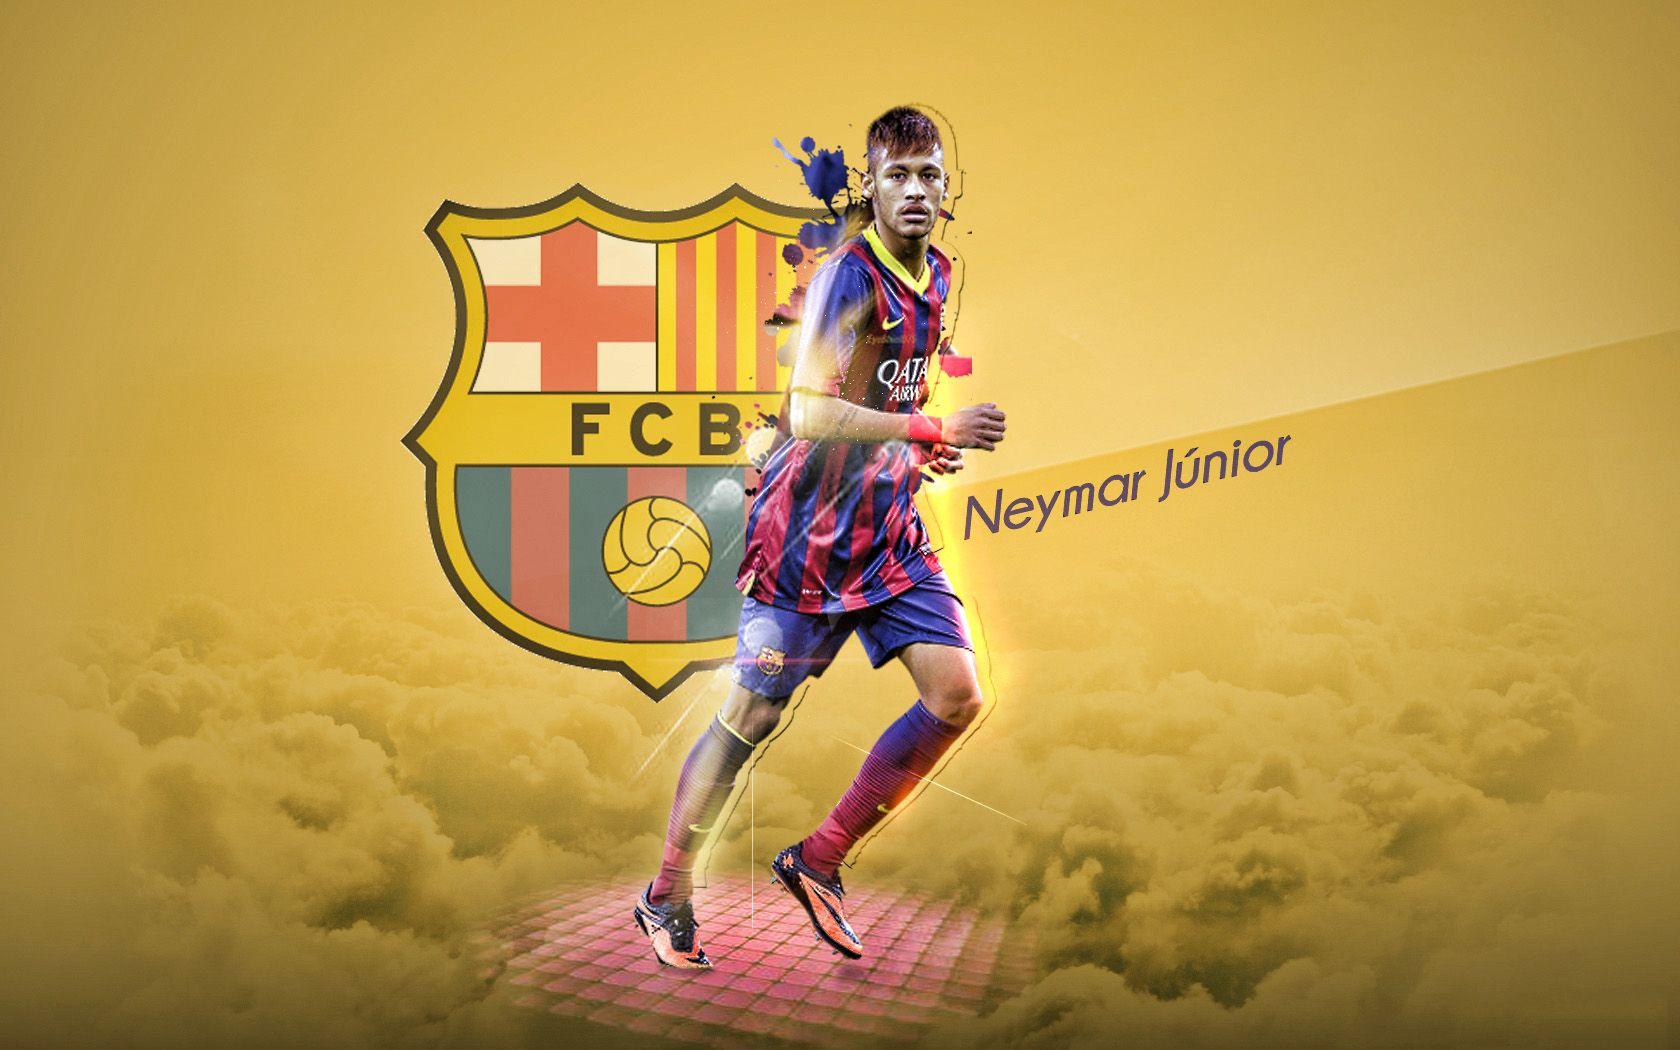 neymar brazil hd wallpapers 7 | neymar brazil hd wallpapers